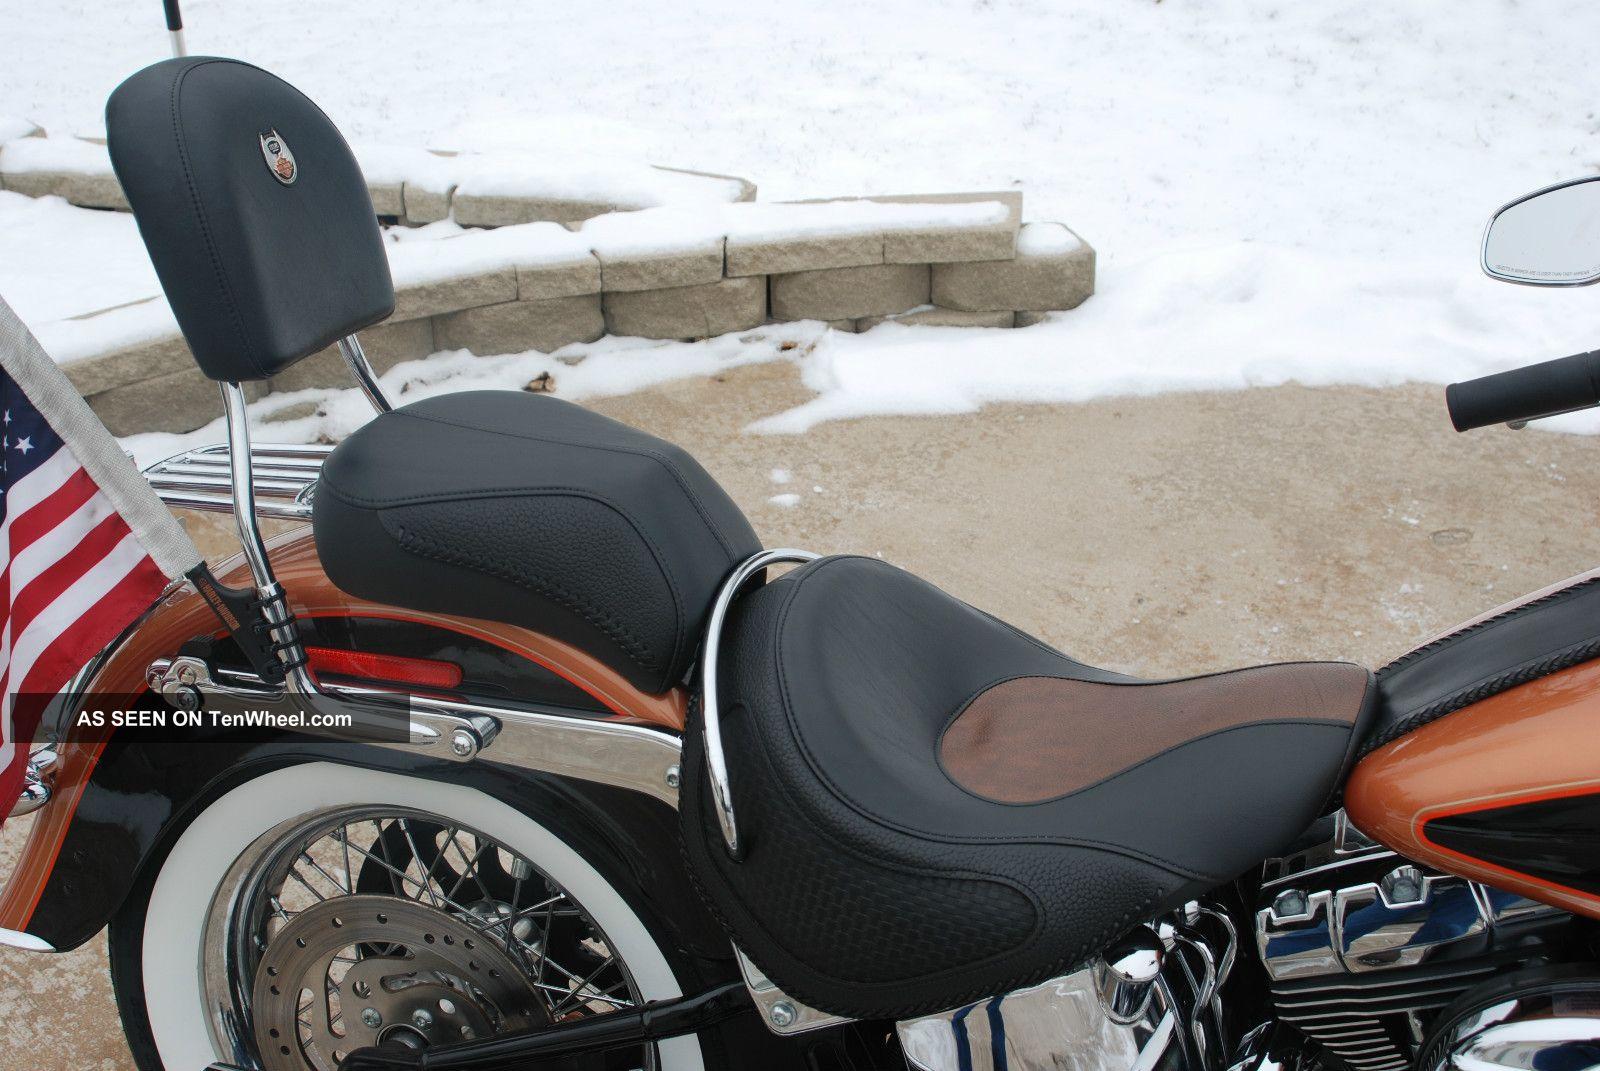 2008 Harley Davidson Flstn Softail Deluxe 105th Anniversary Edition